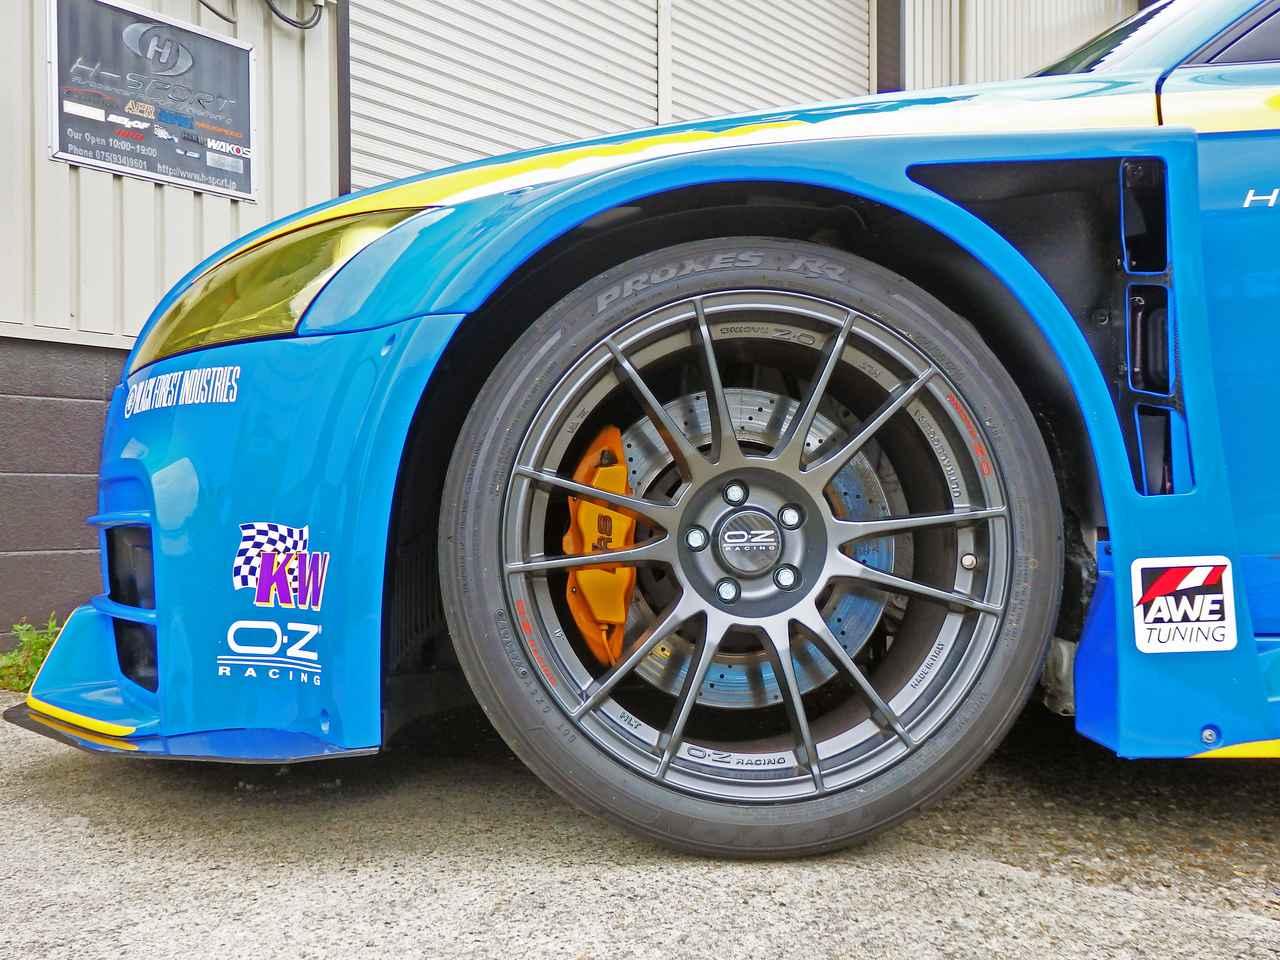 画像1: ホイールはOZ Racingでレーシーにドレスアップ